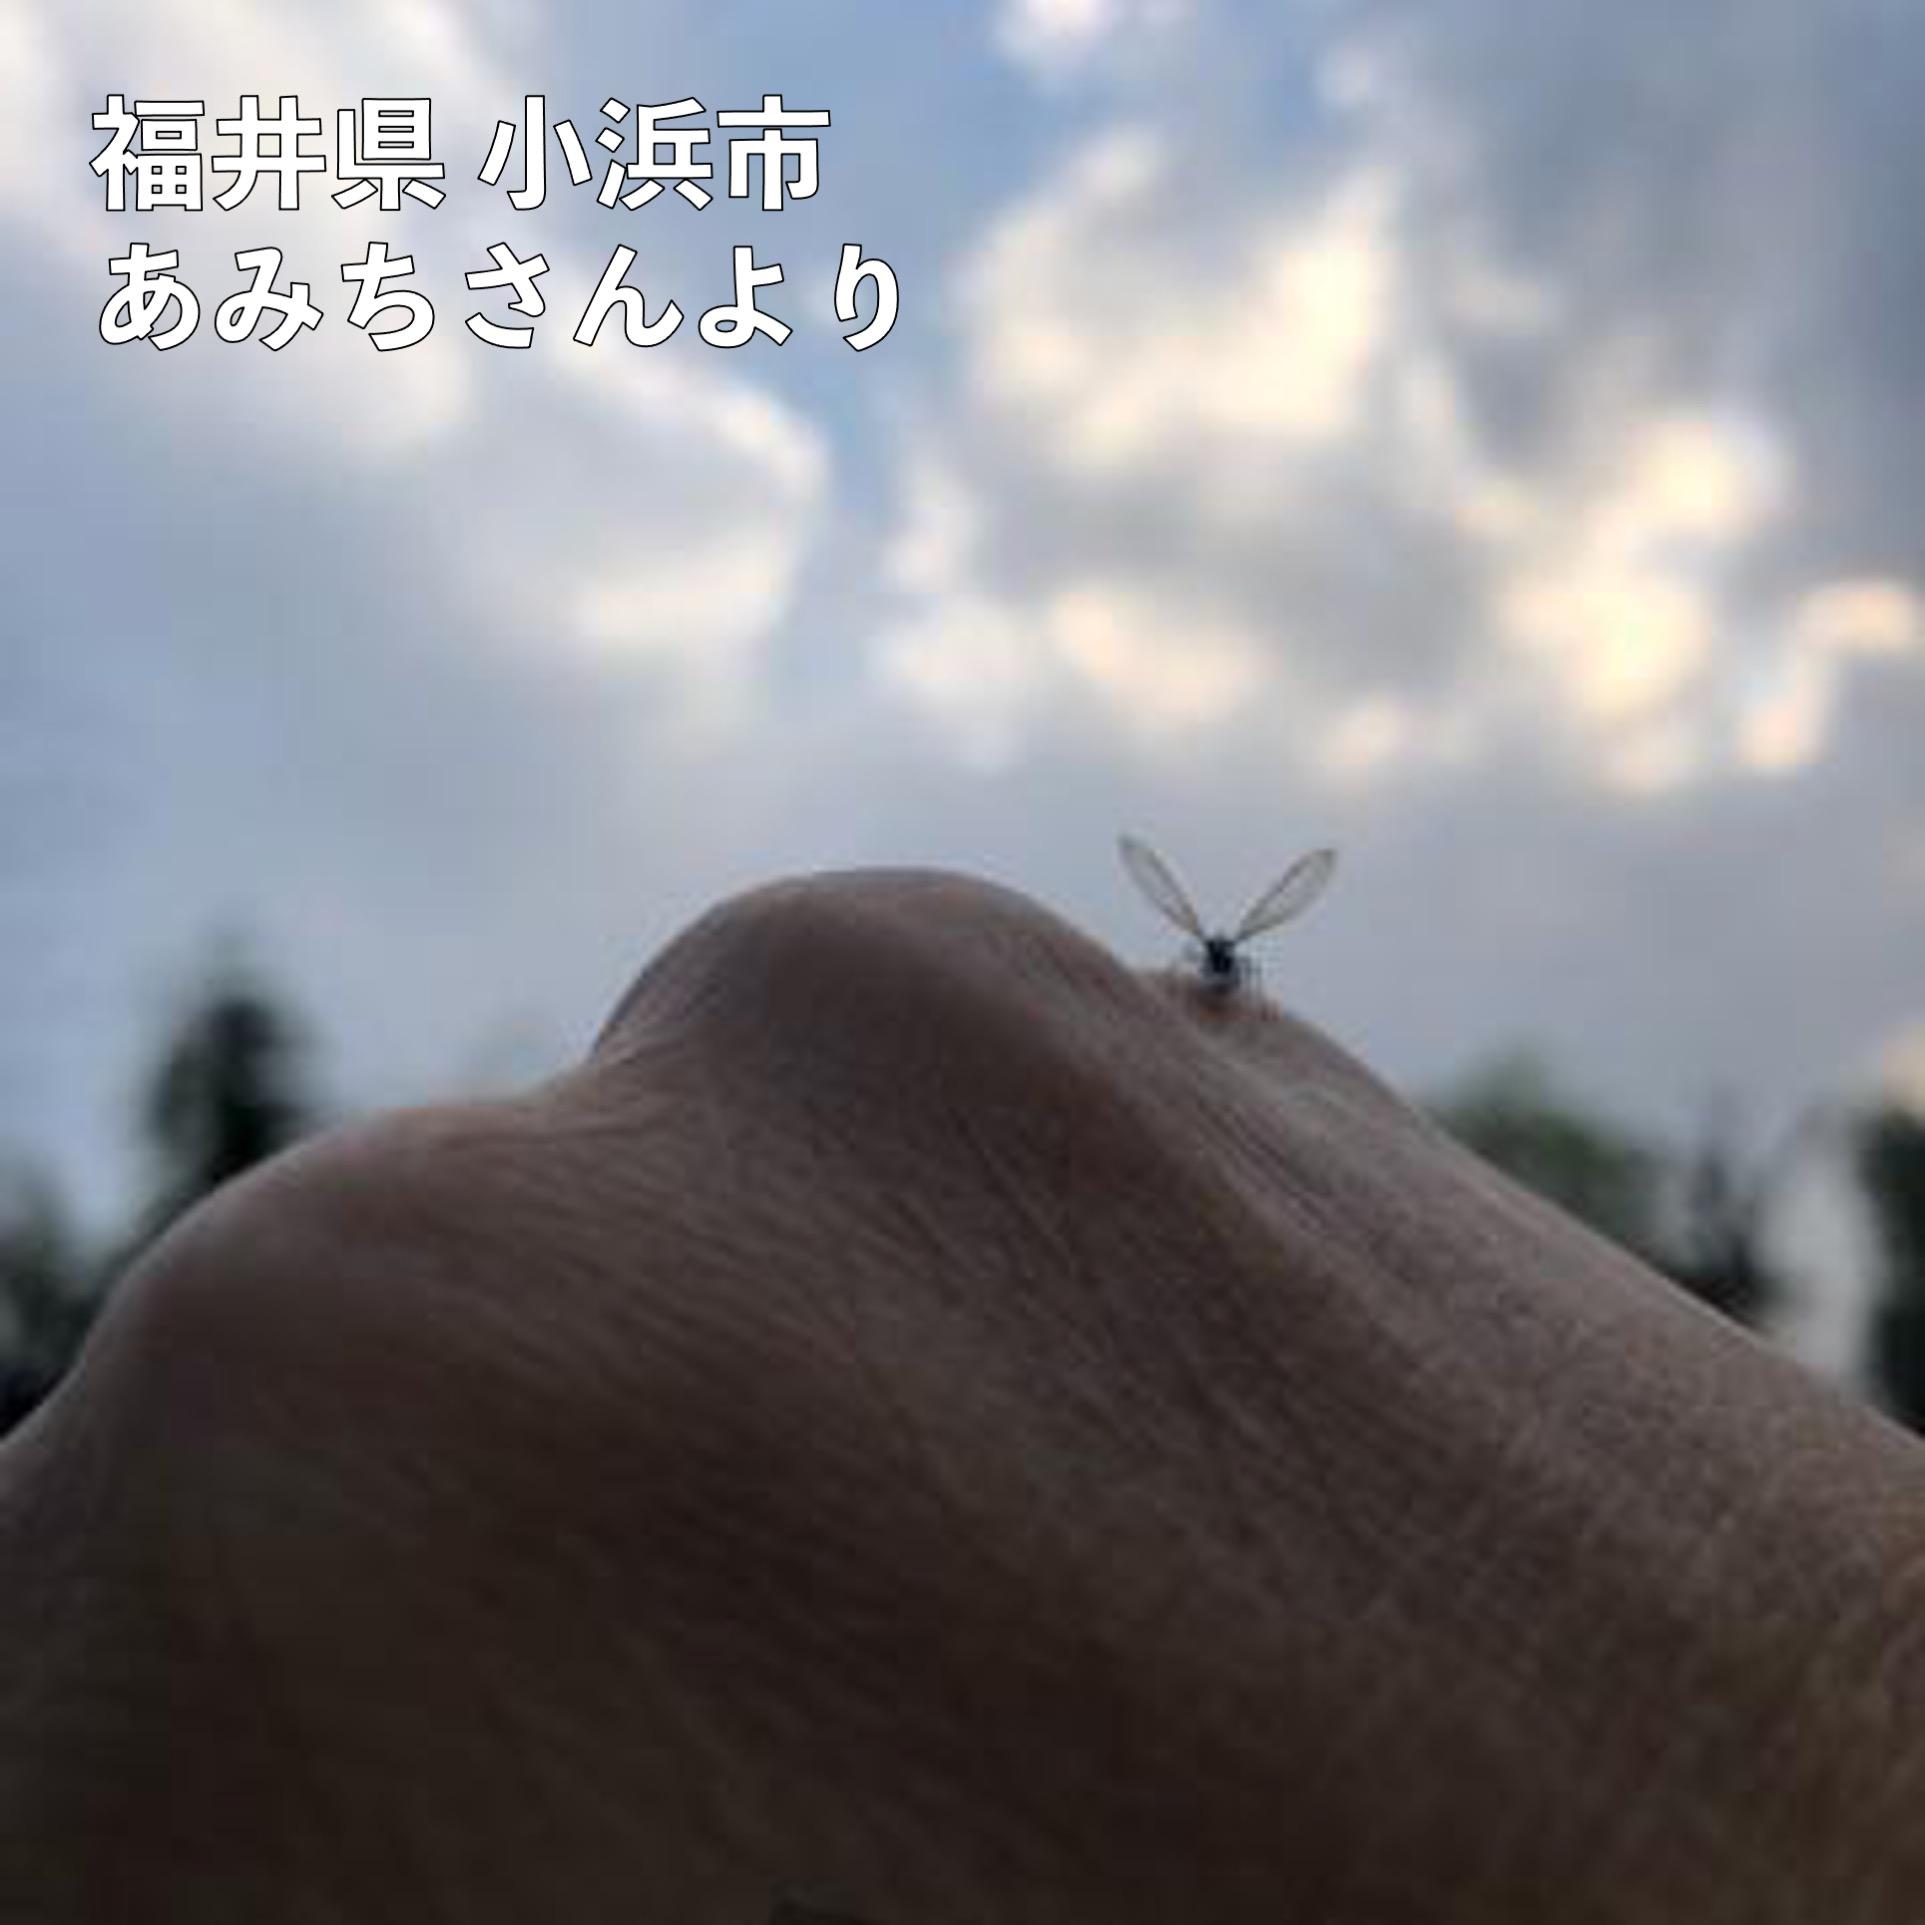 ニュース 福井 ウェザー